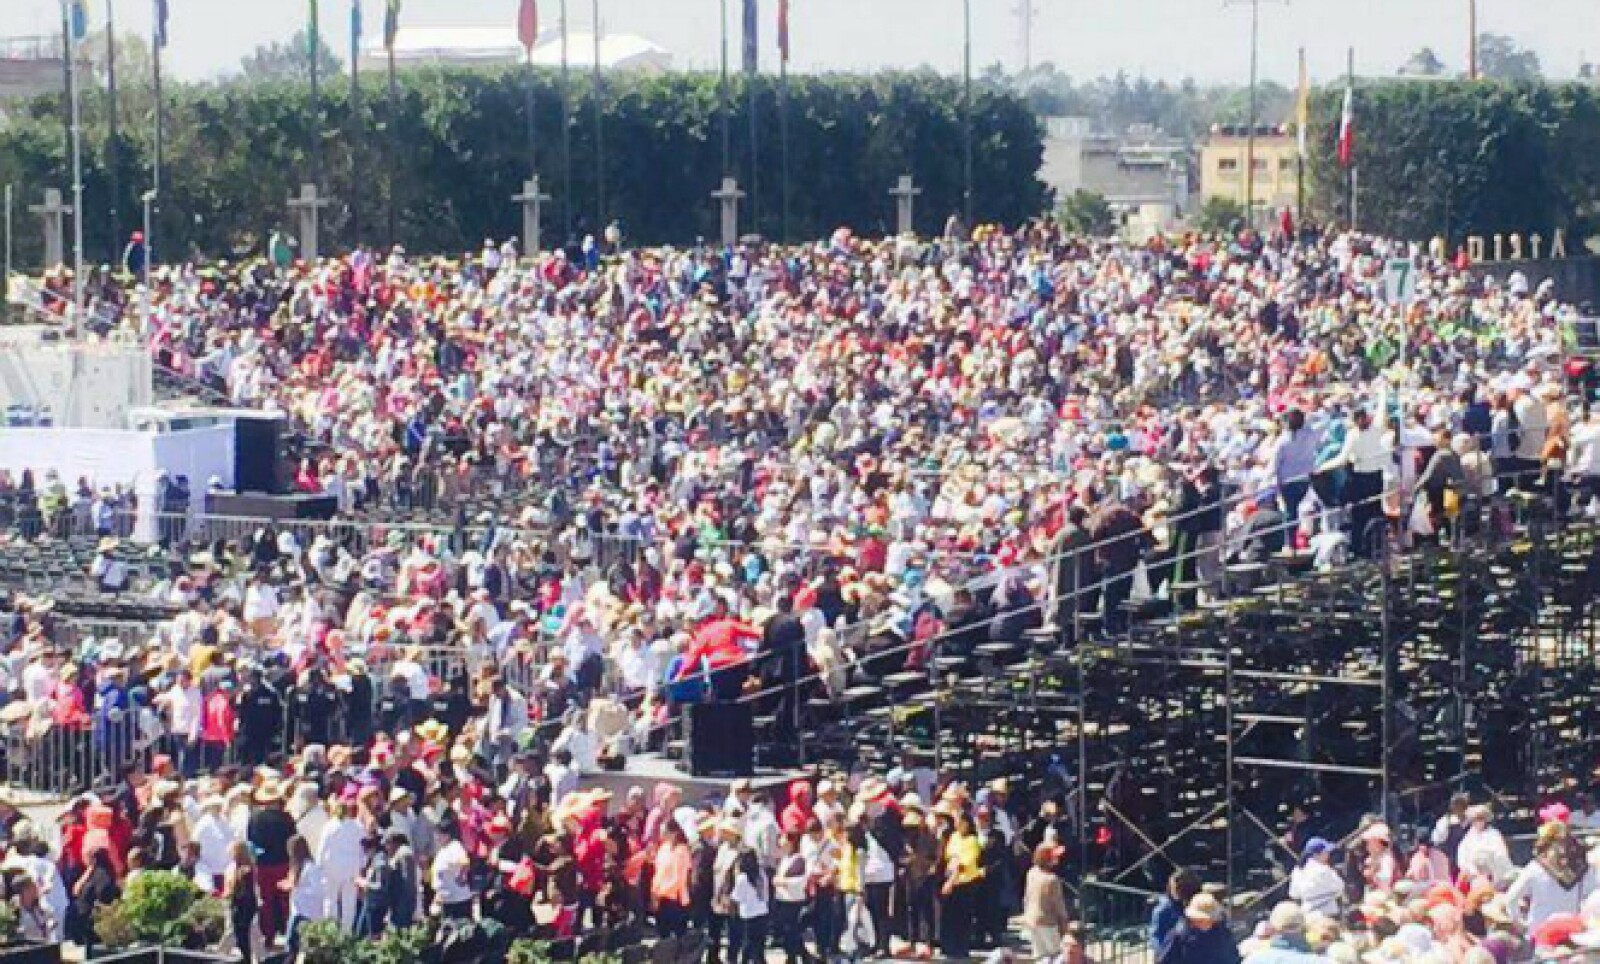 Cientos de mexicanos se congregan alrededor de la Basílica de Guadalupe para escuchar la misa de Francisco.